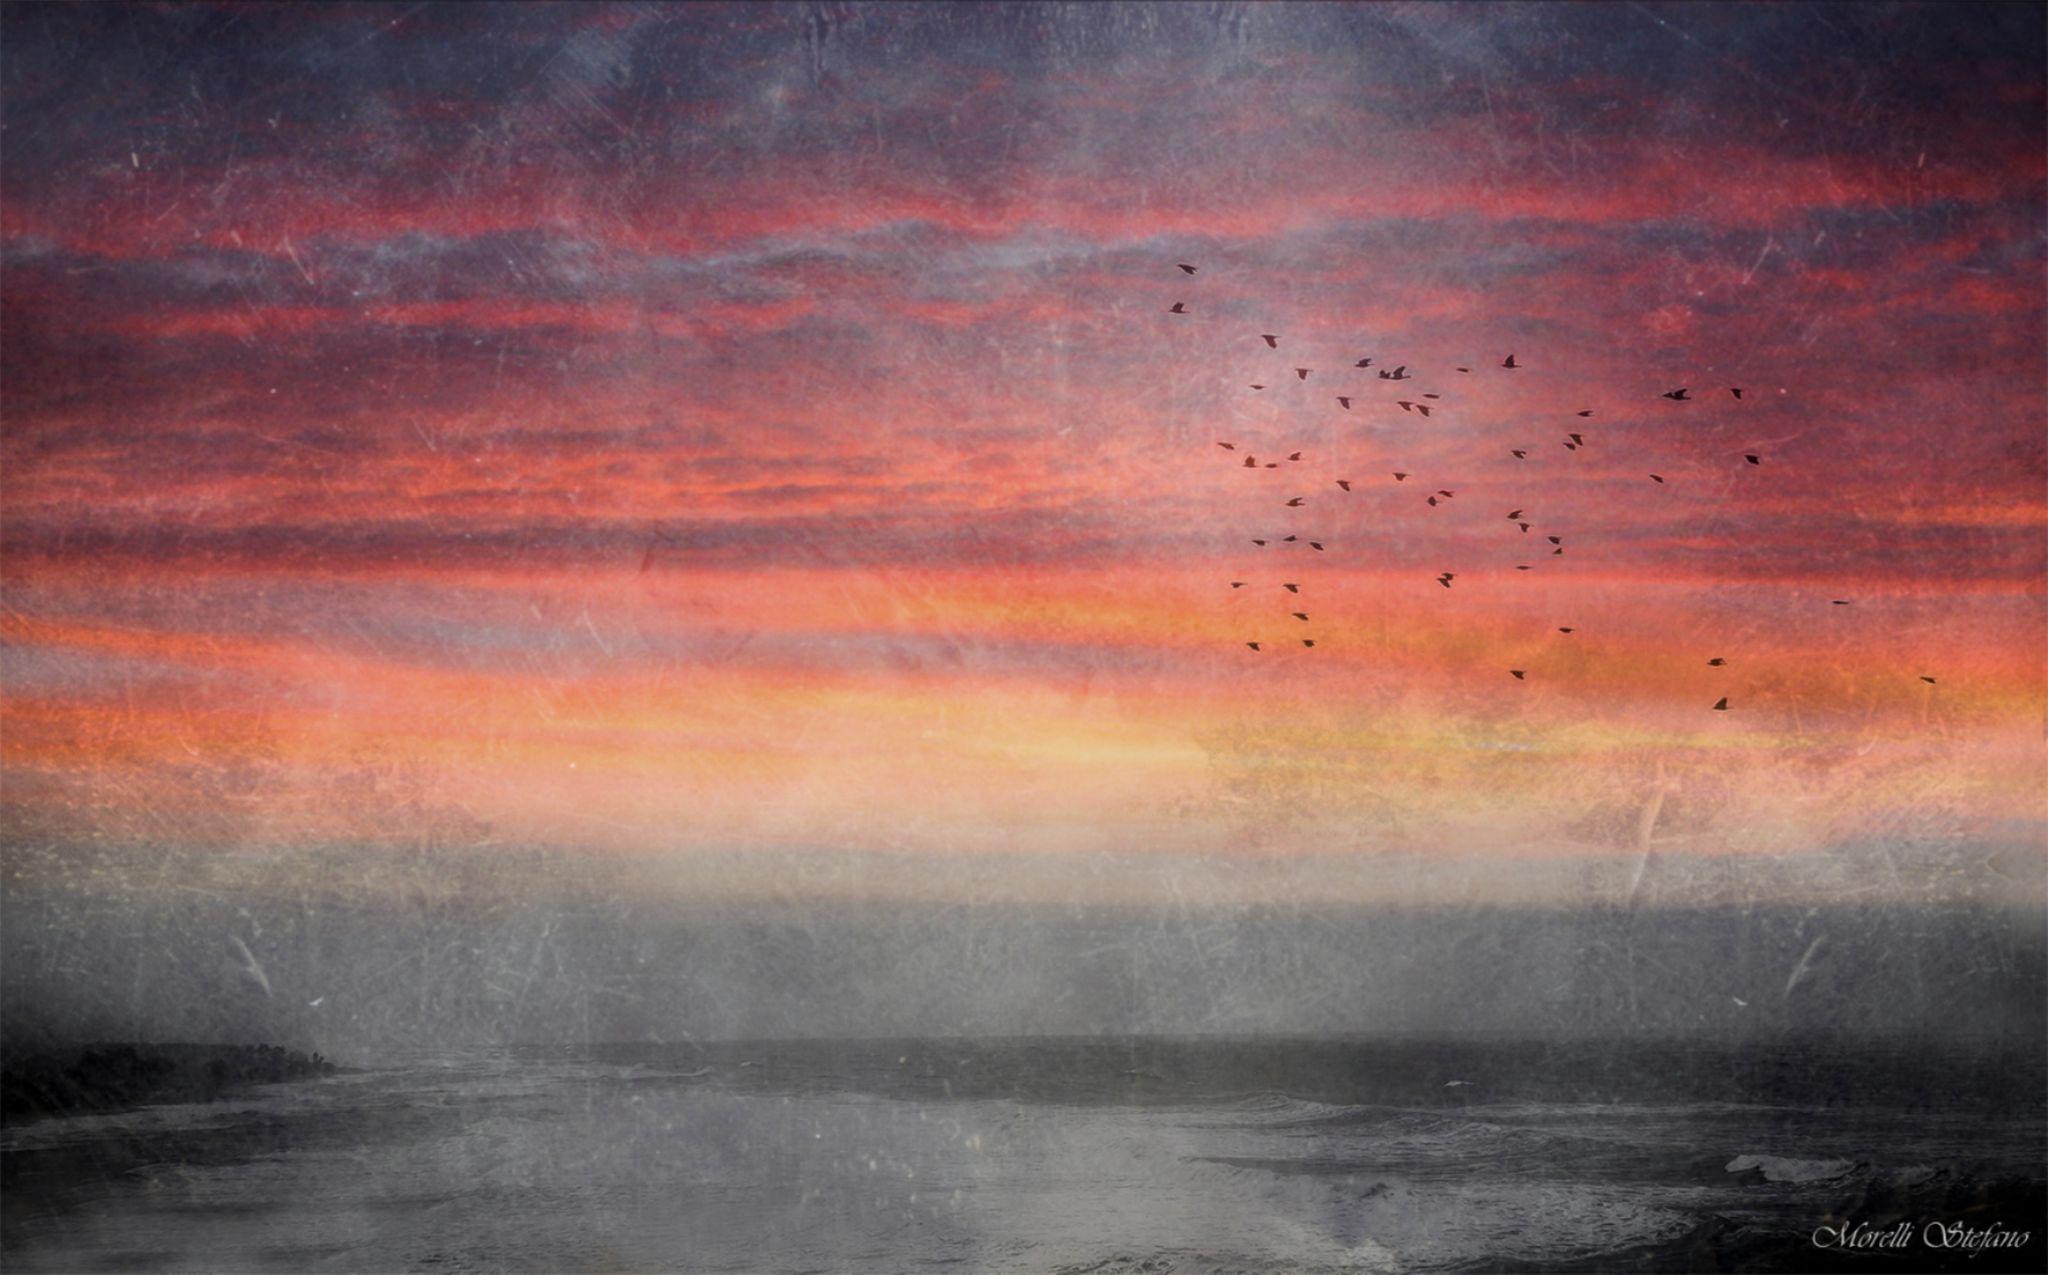 Autunno.....è tempo di migrare.... by Stefano